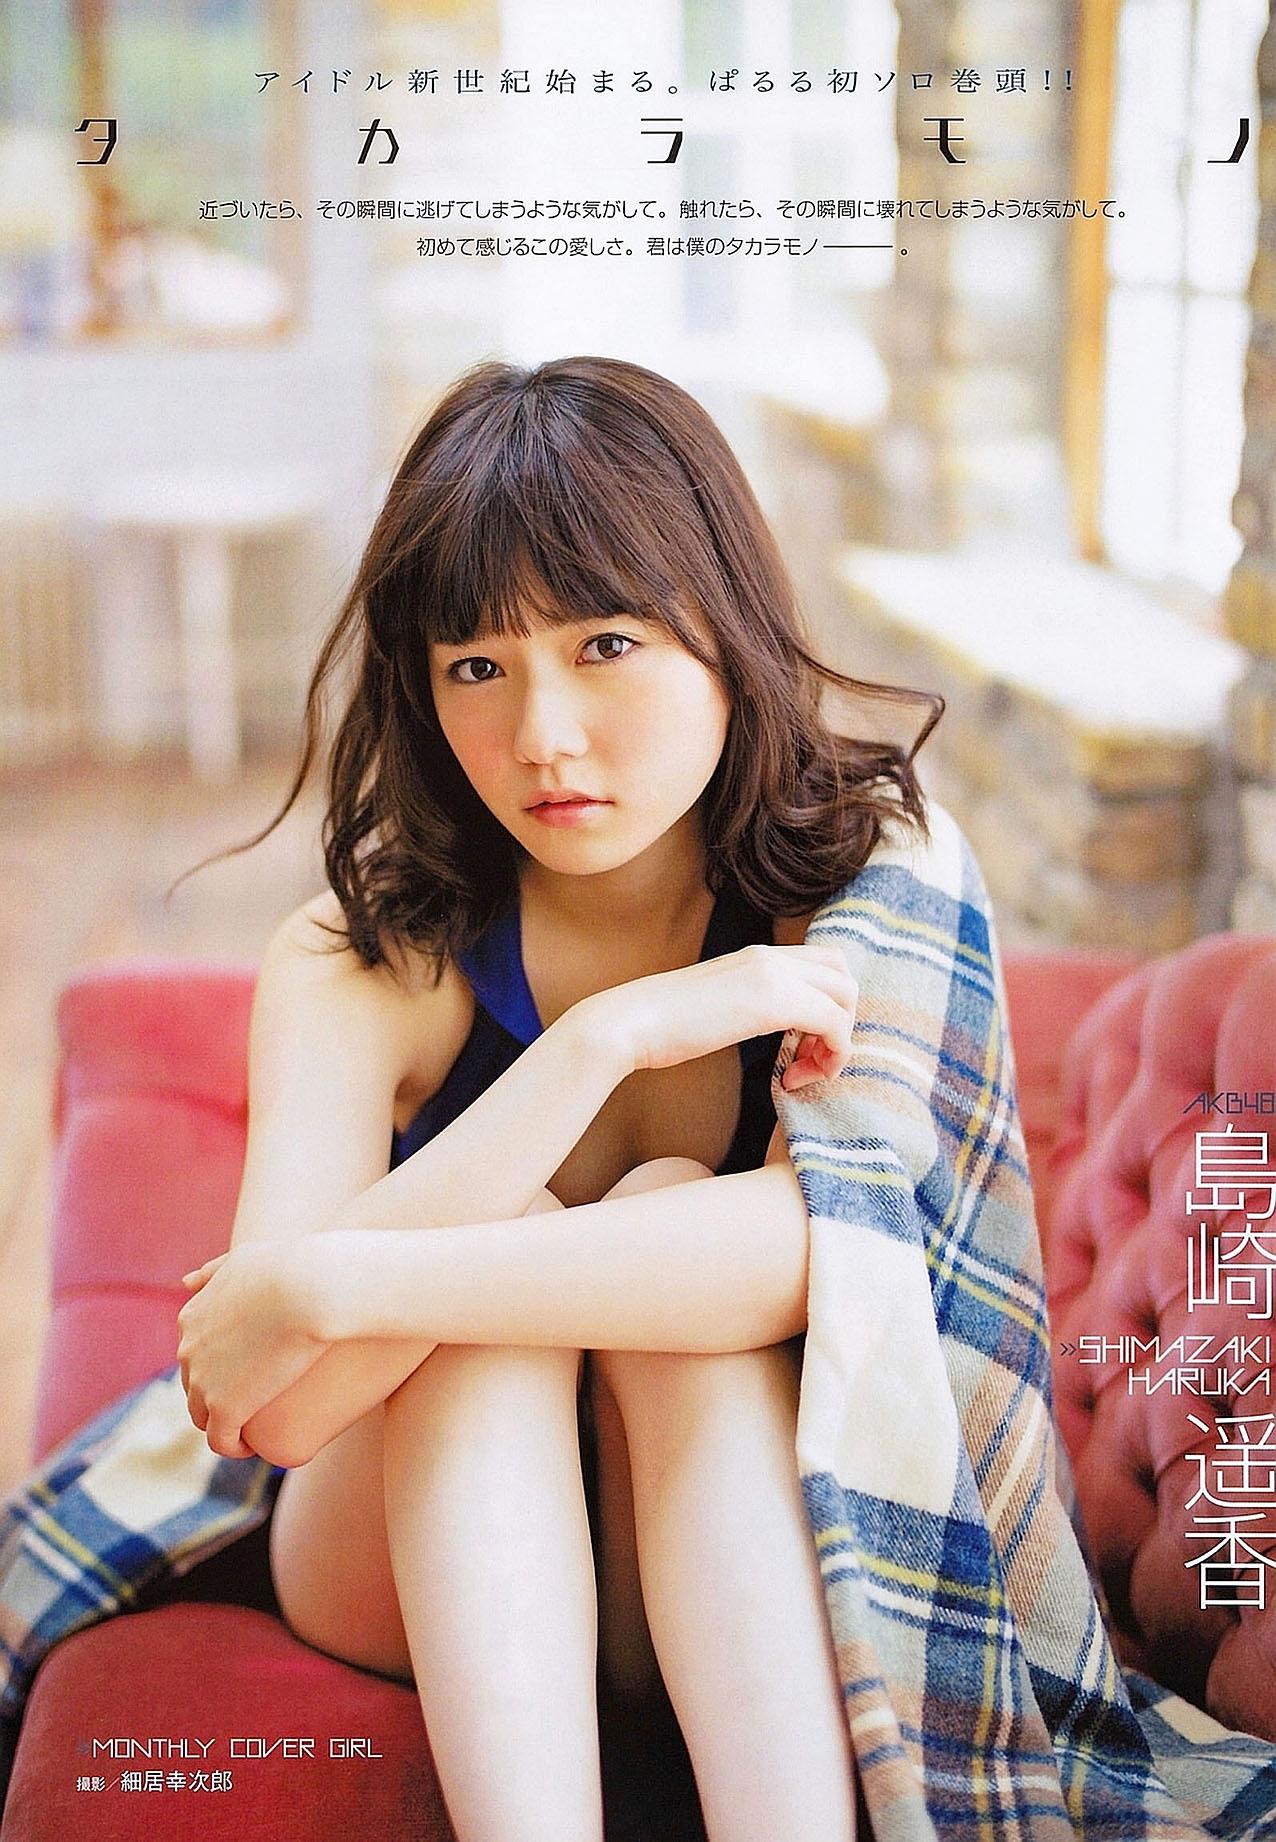 HShimazaki EnTame 1301 02.jpg